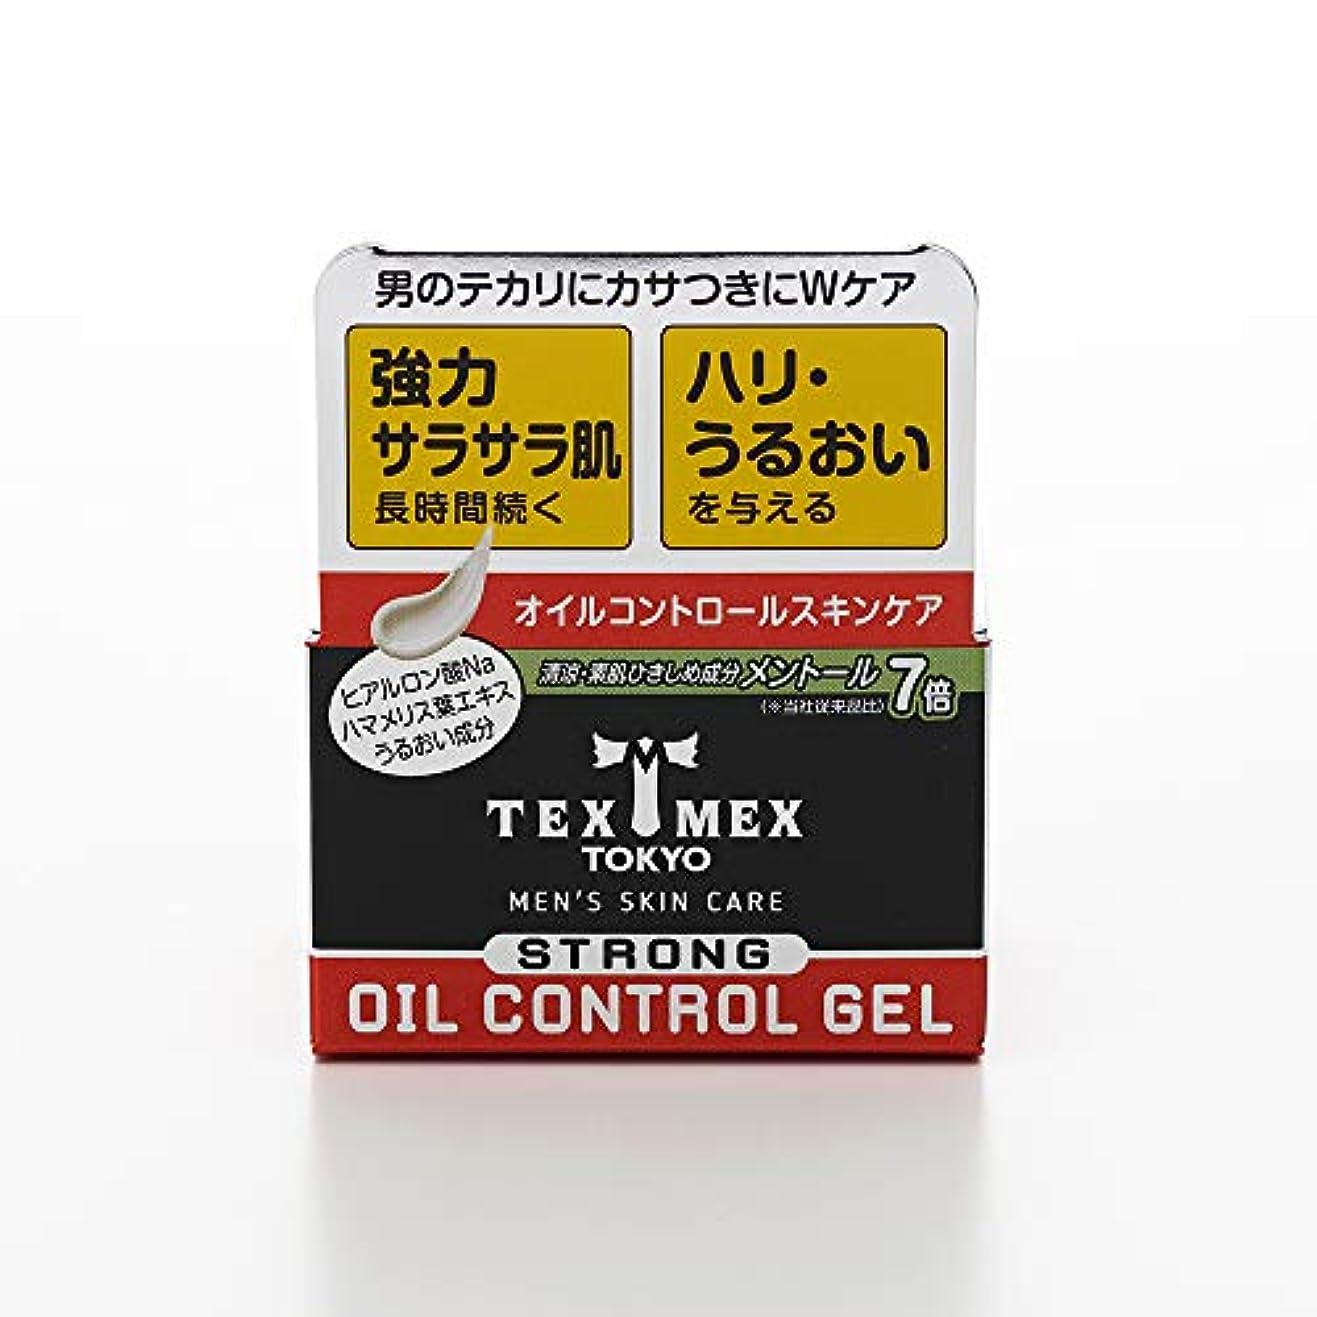 キルス爬虫類お金テックスメックス オイルコントロールジェル ストロング